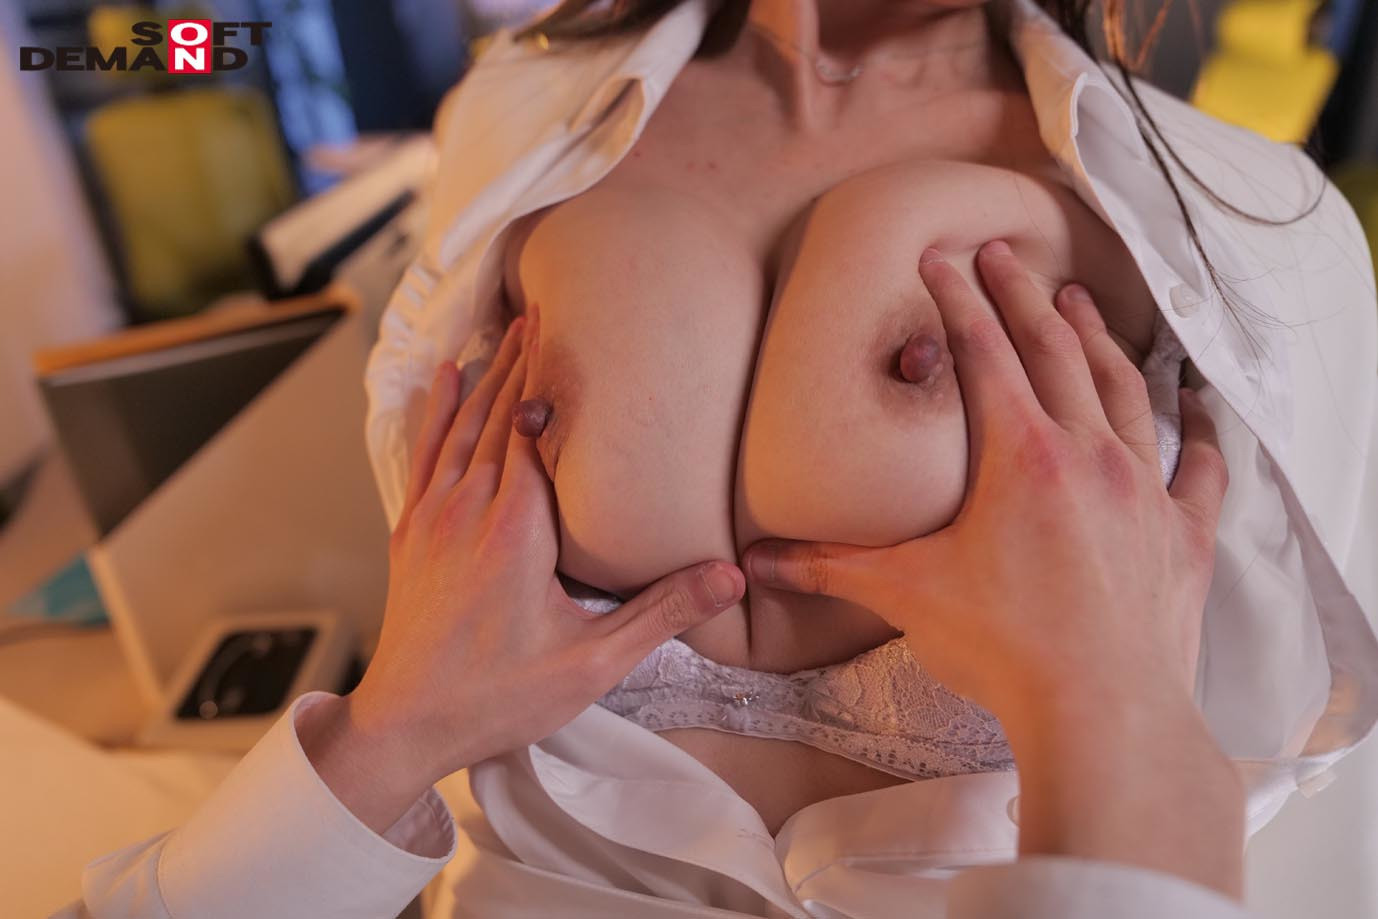 真昼間から若い部下のチ〇ポをしゃぶって、発情して濡れる女社長。旦那とセックスレスの人妻46歳。男子社員に淫乱な唇を使って不倫SEXにハマる・・・! 成咲優美 画像7